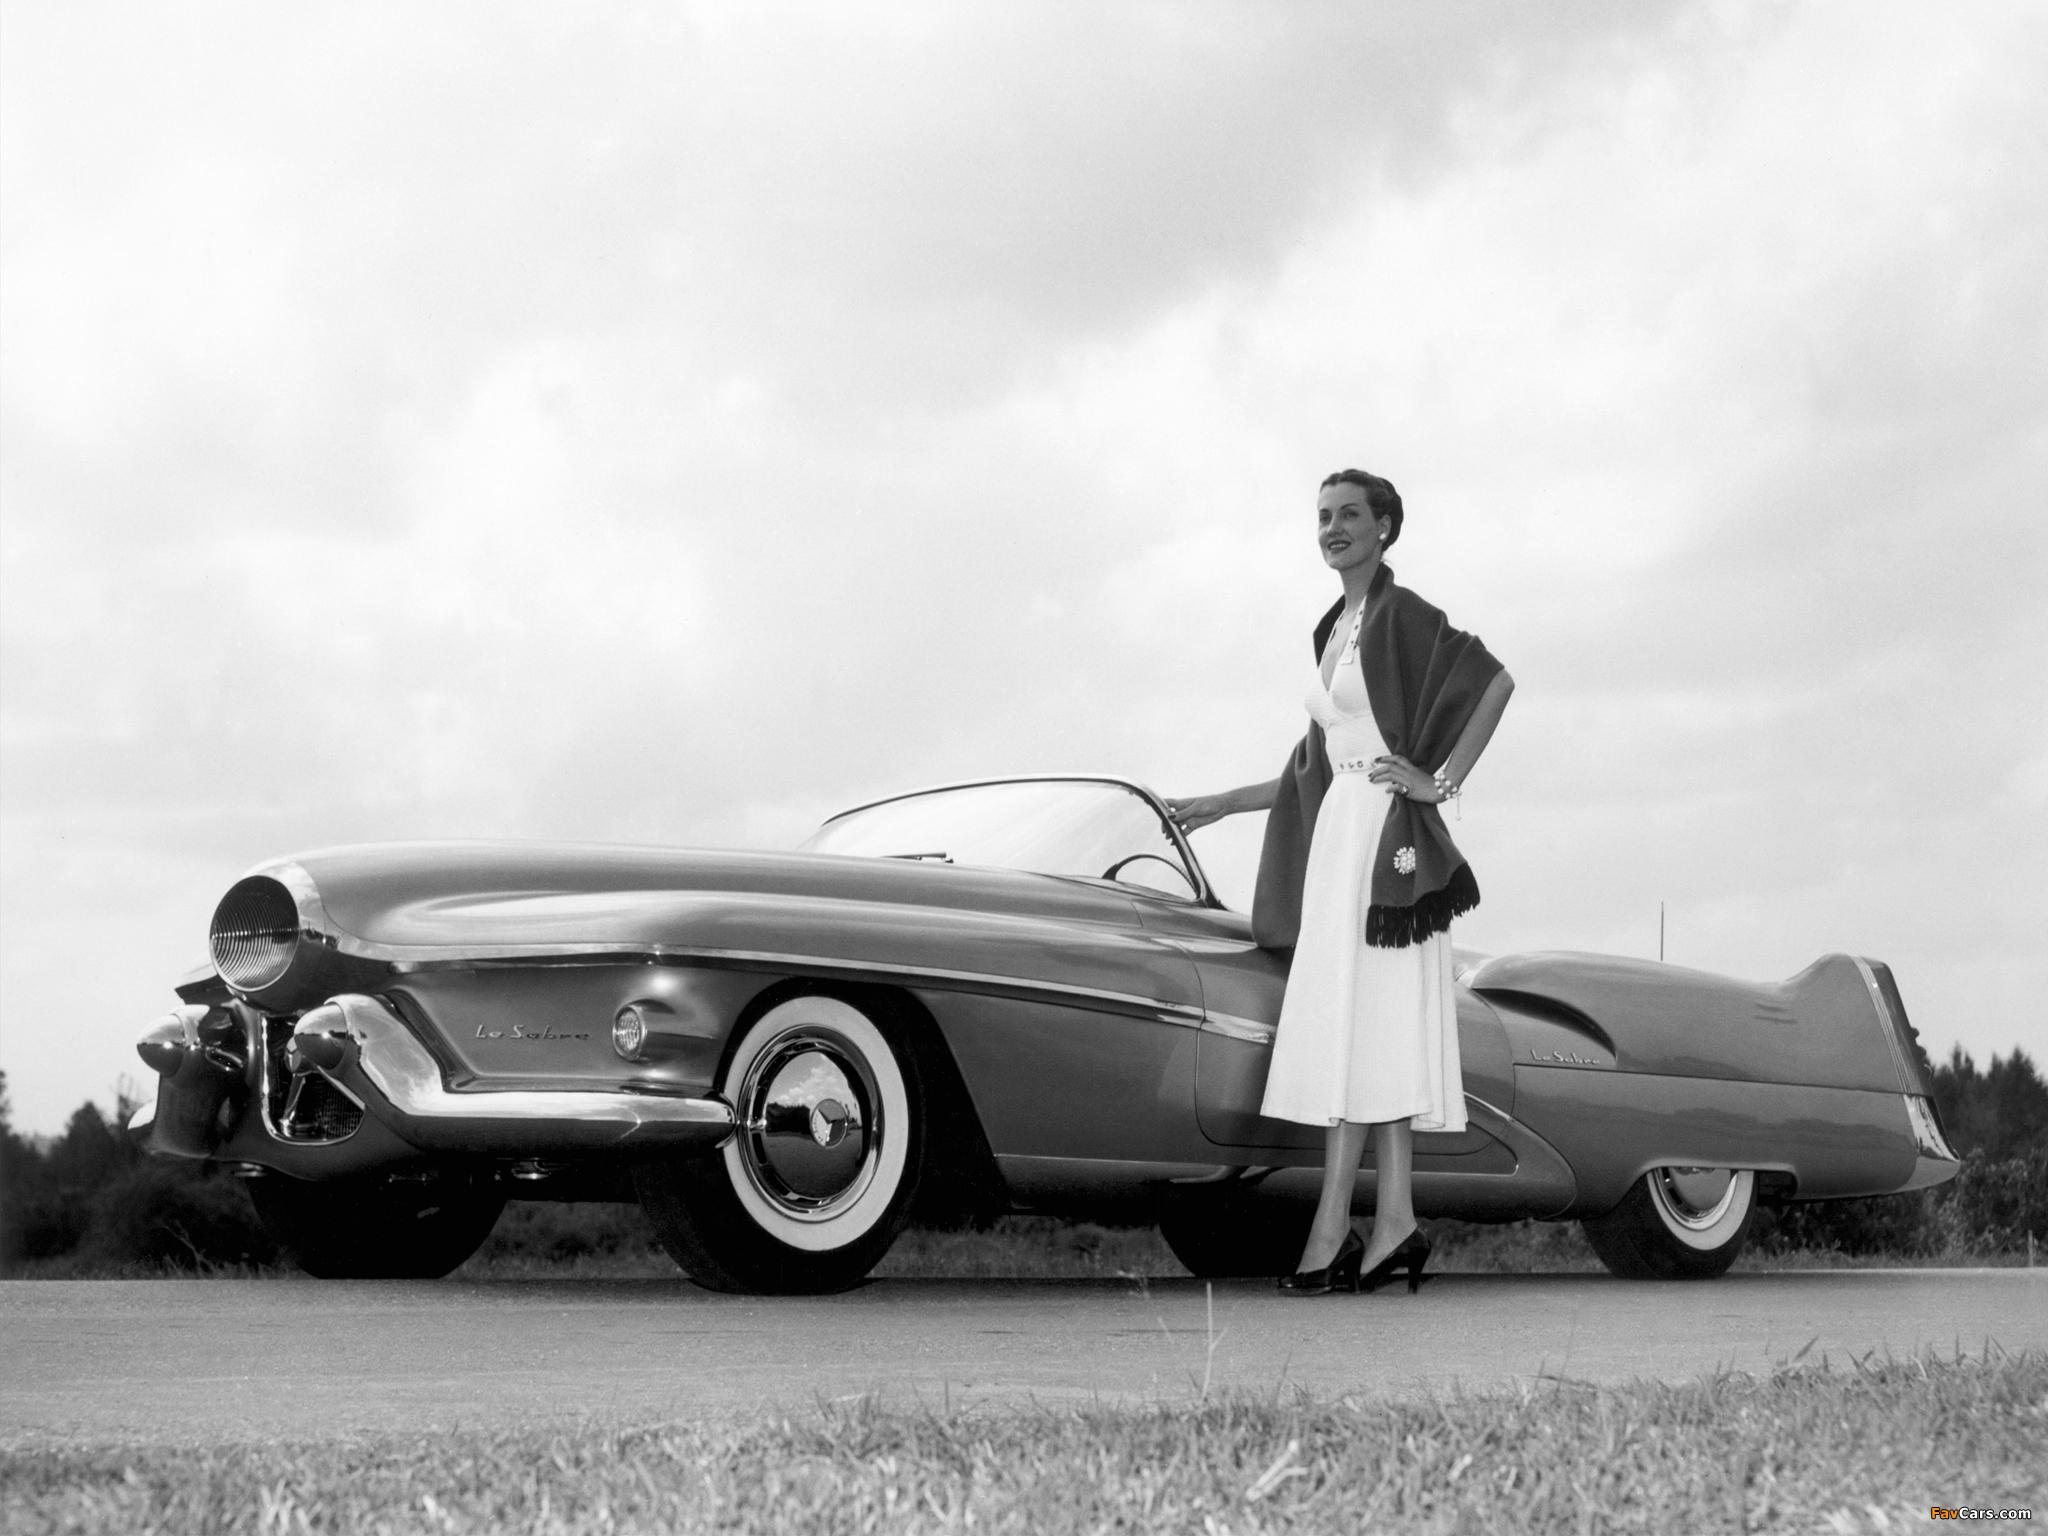 GM LeSabre Concept Car 1951 wallpapers (2048 x 1536)